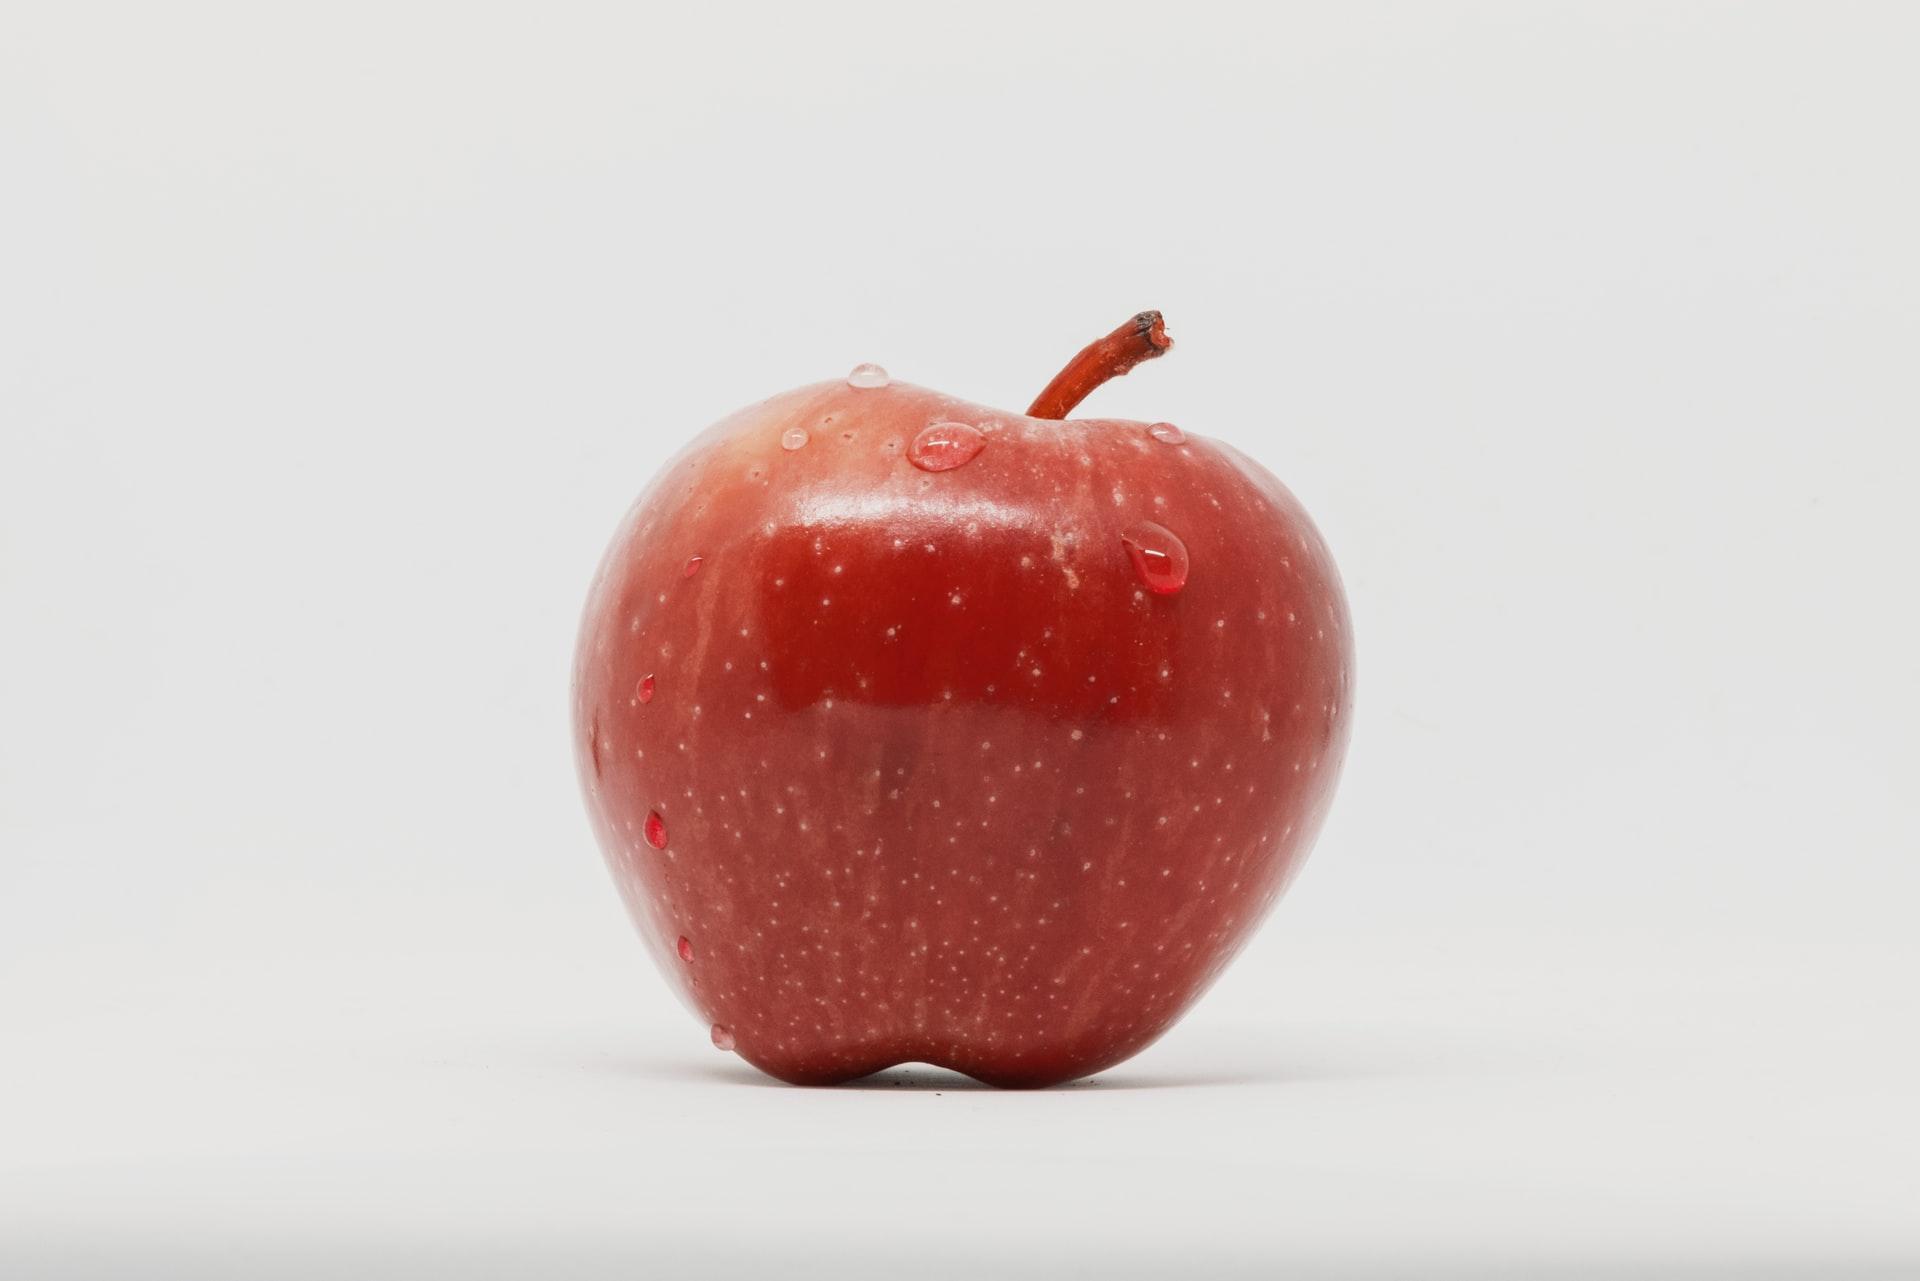 czerwone soczyste jabłko na białym tle